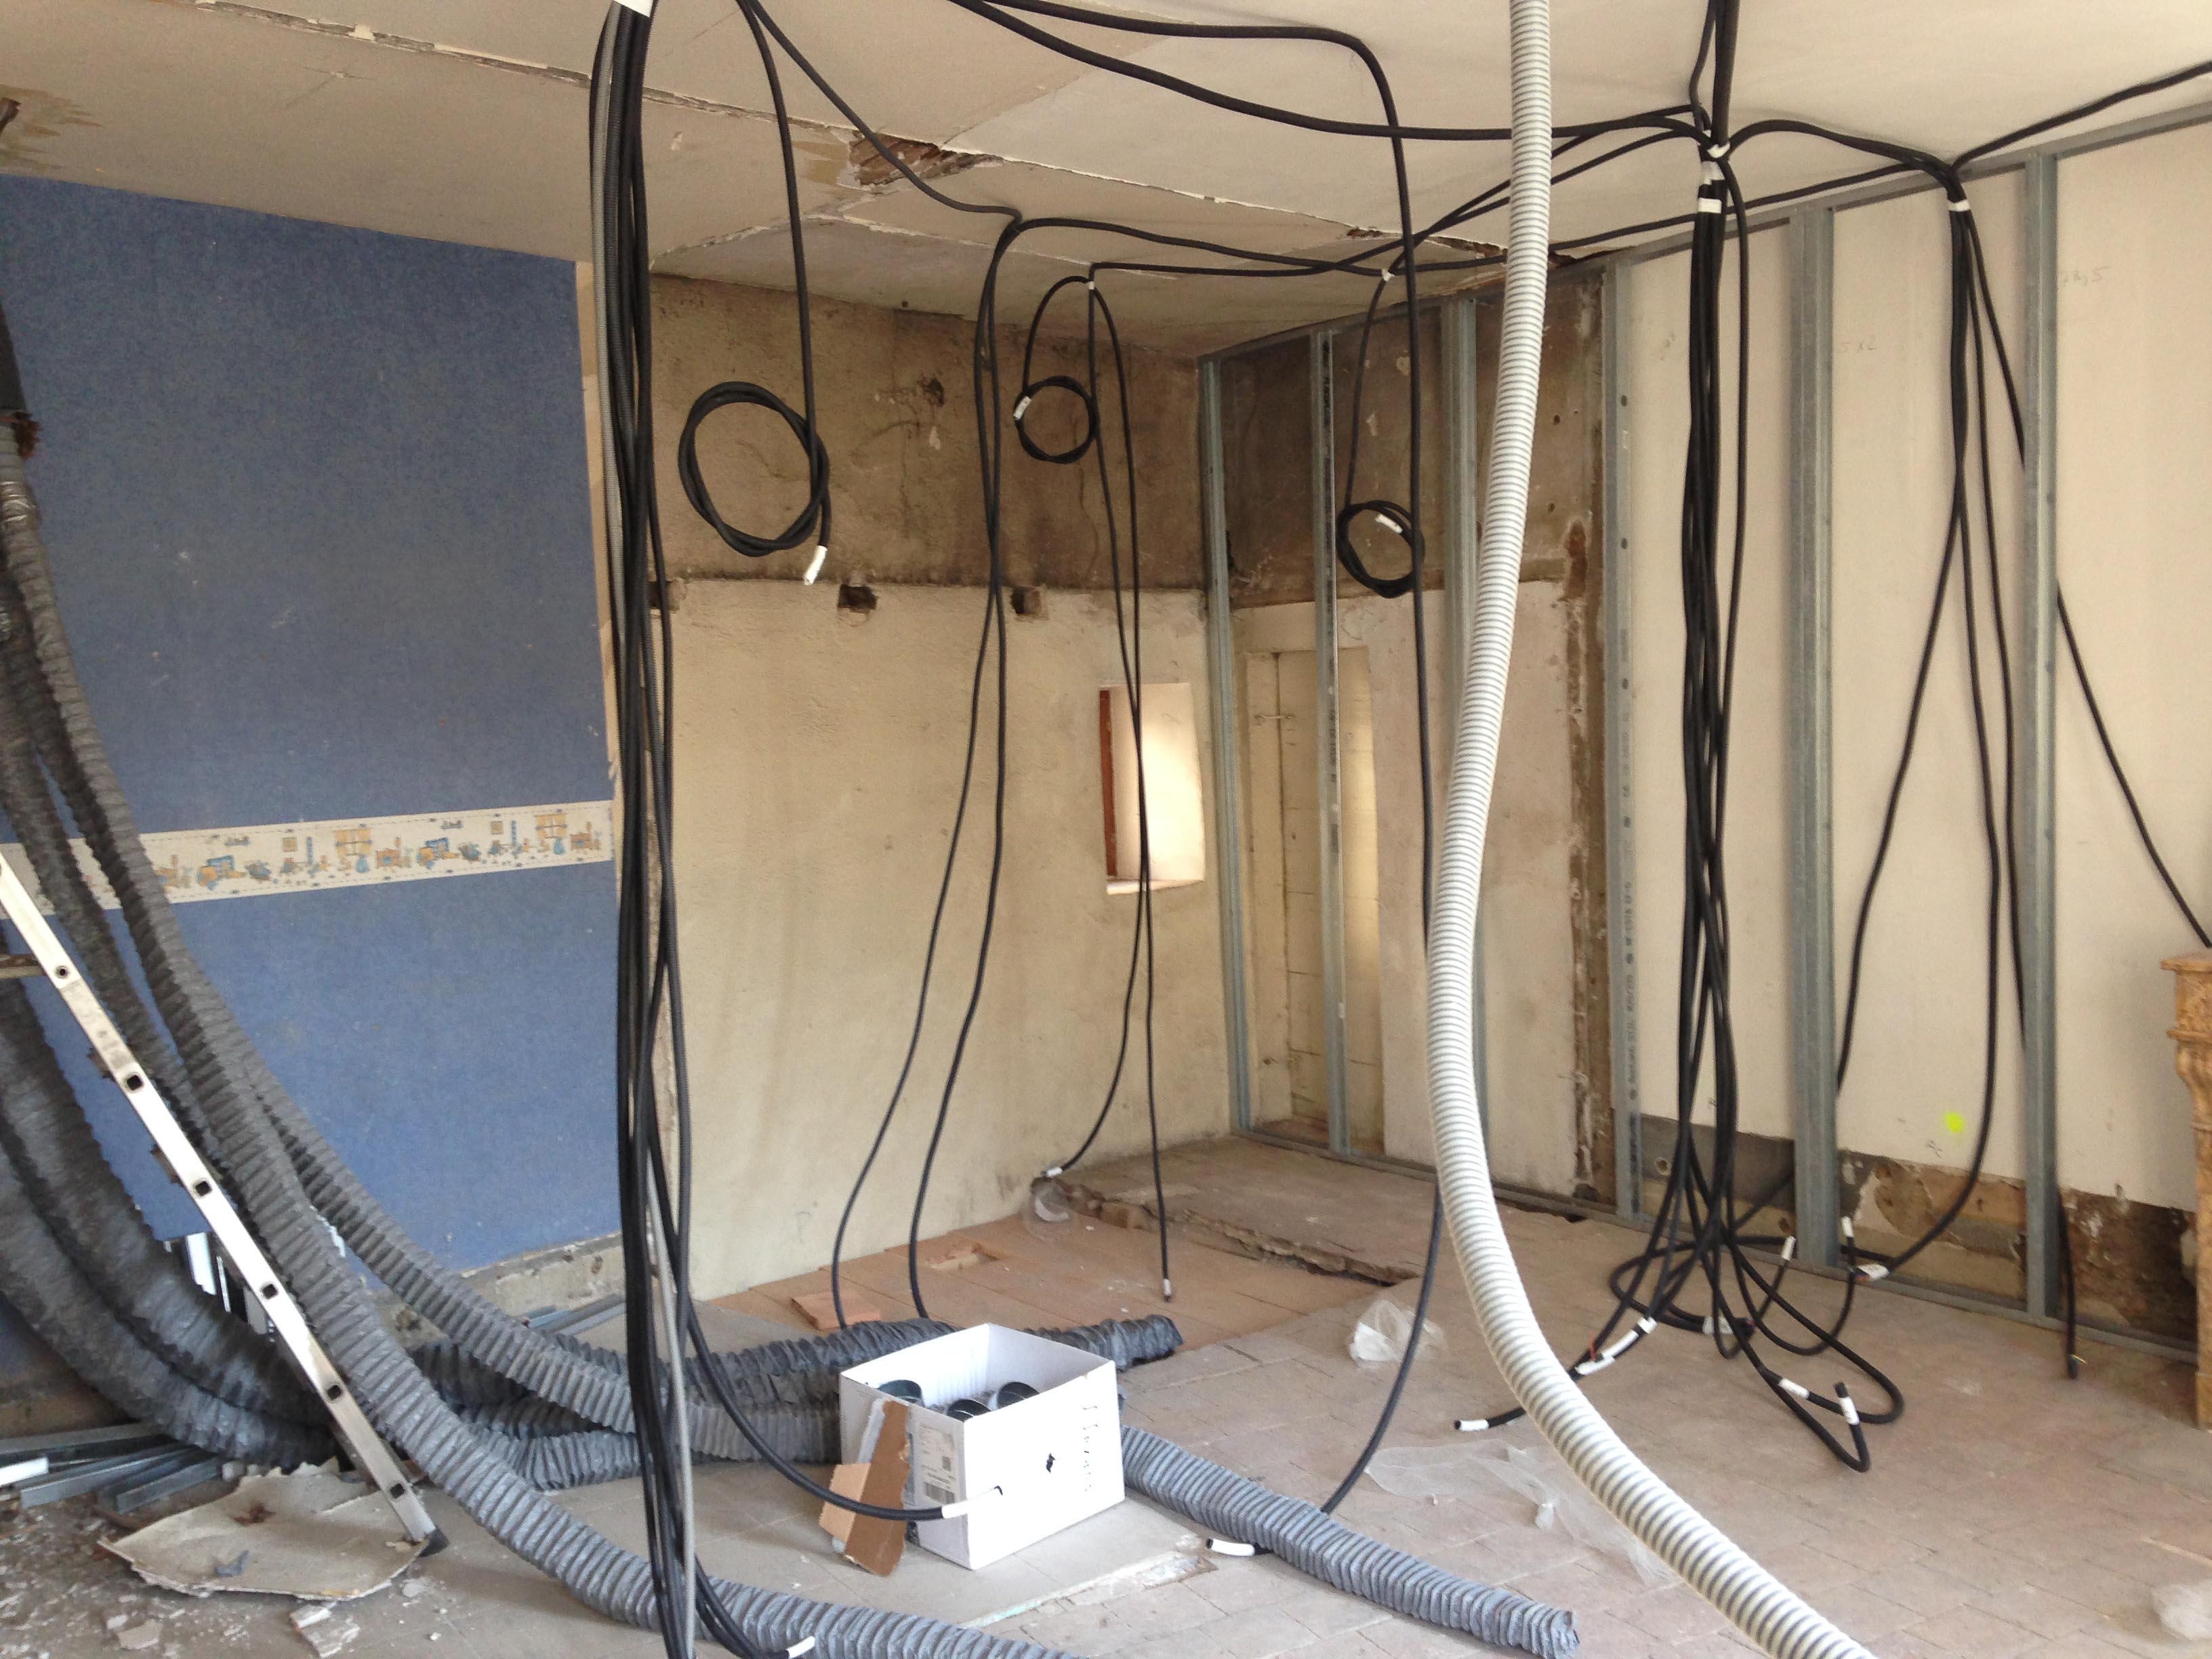 rénovation_maison_azergues_restauration_rehabilitation_construction_maison_ancienne_presbytère-3